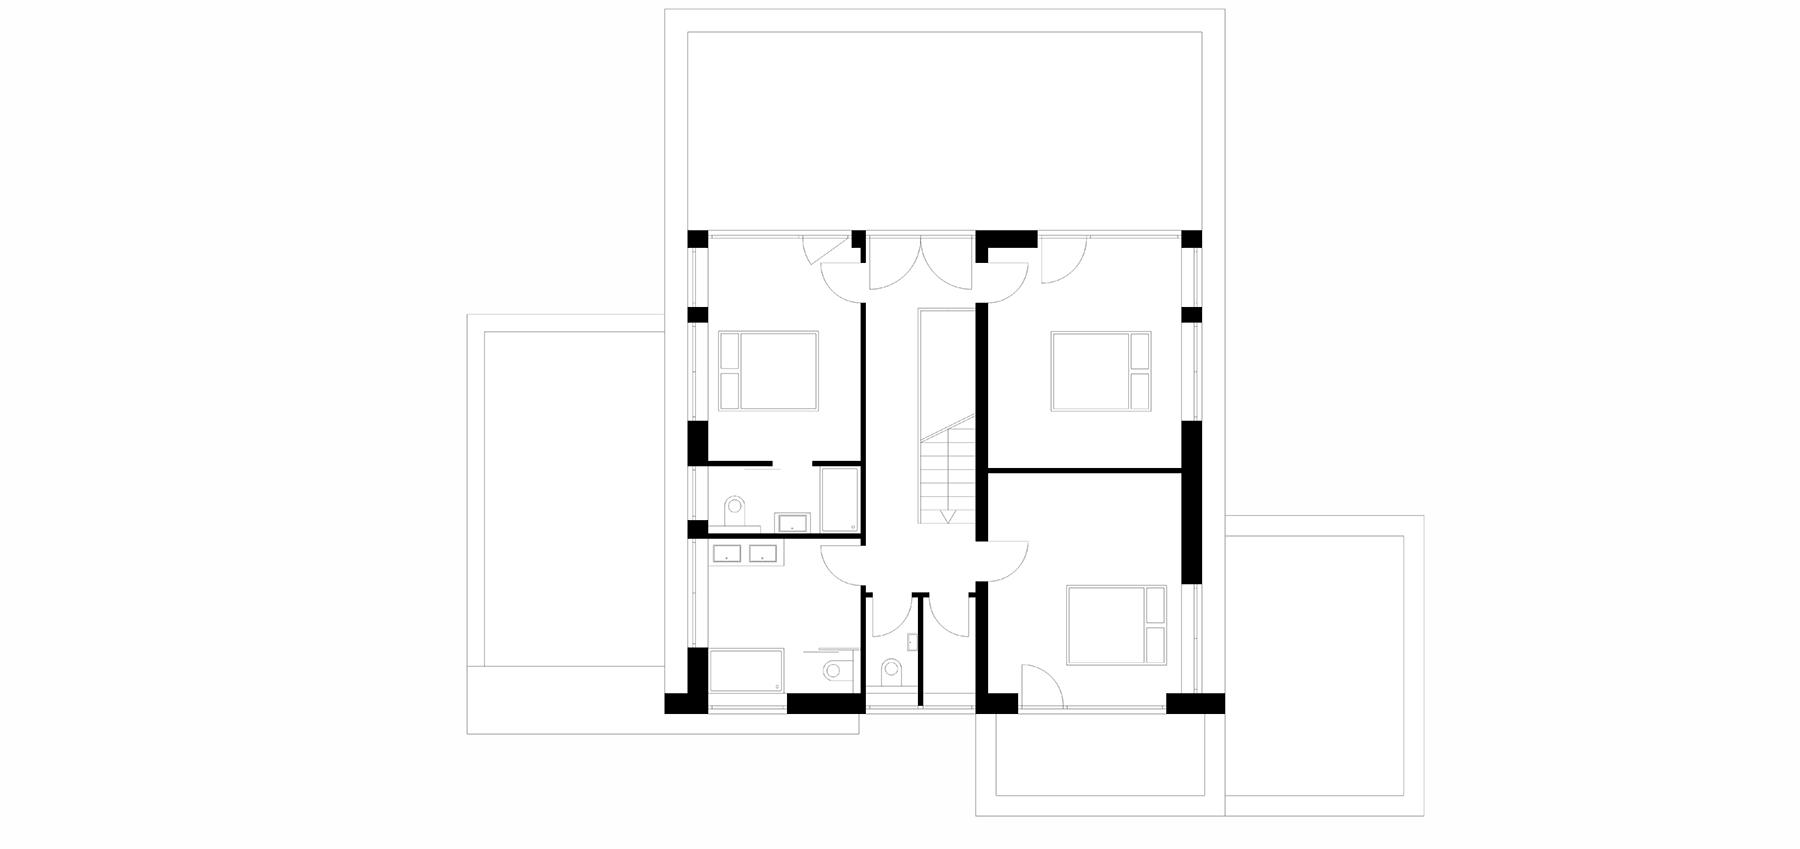 wunschhaus-haus-s84-plan-og